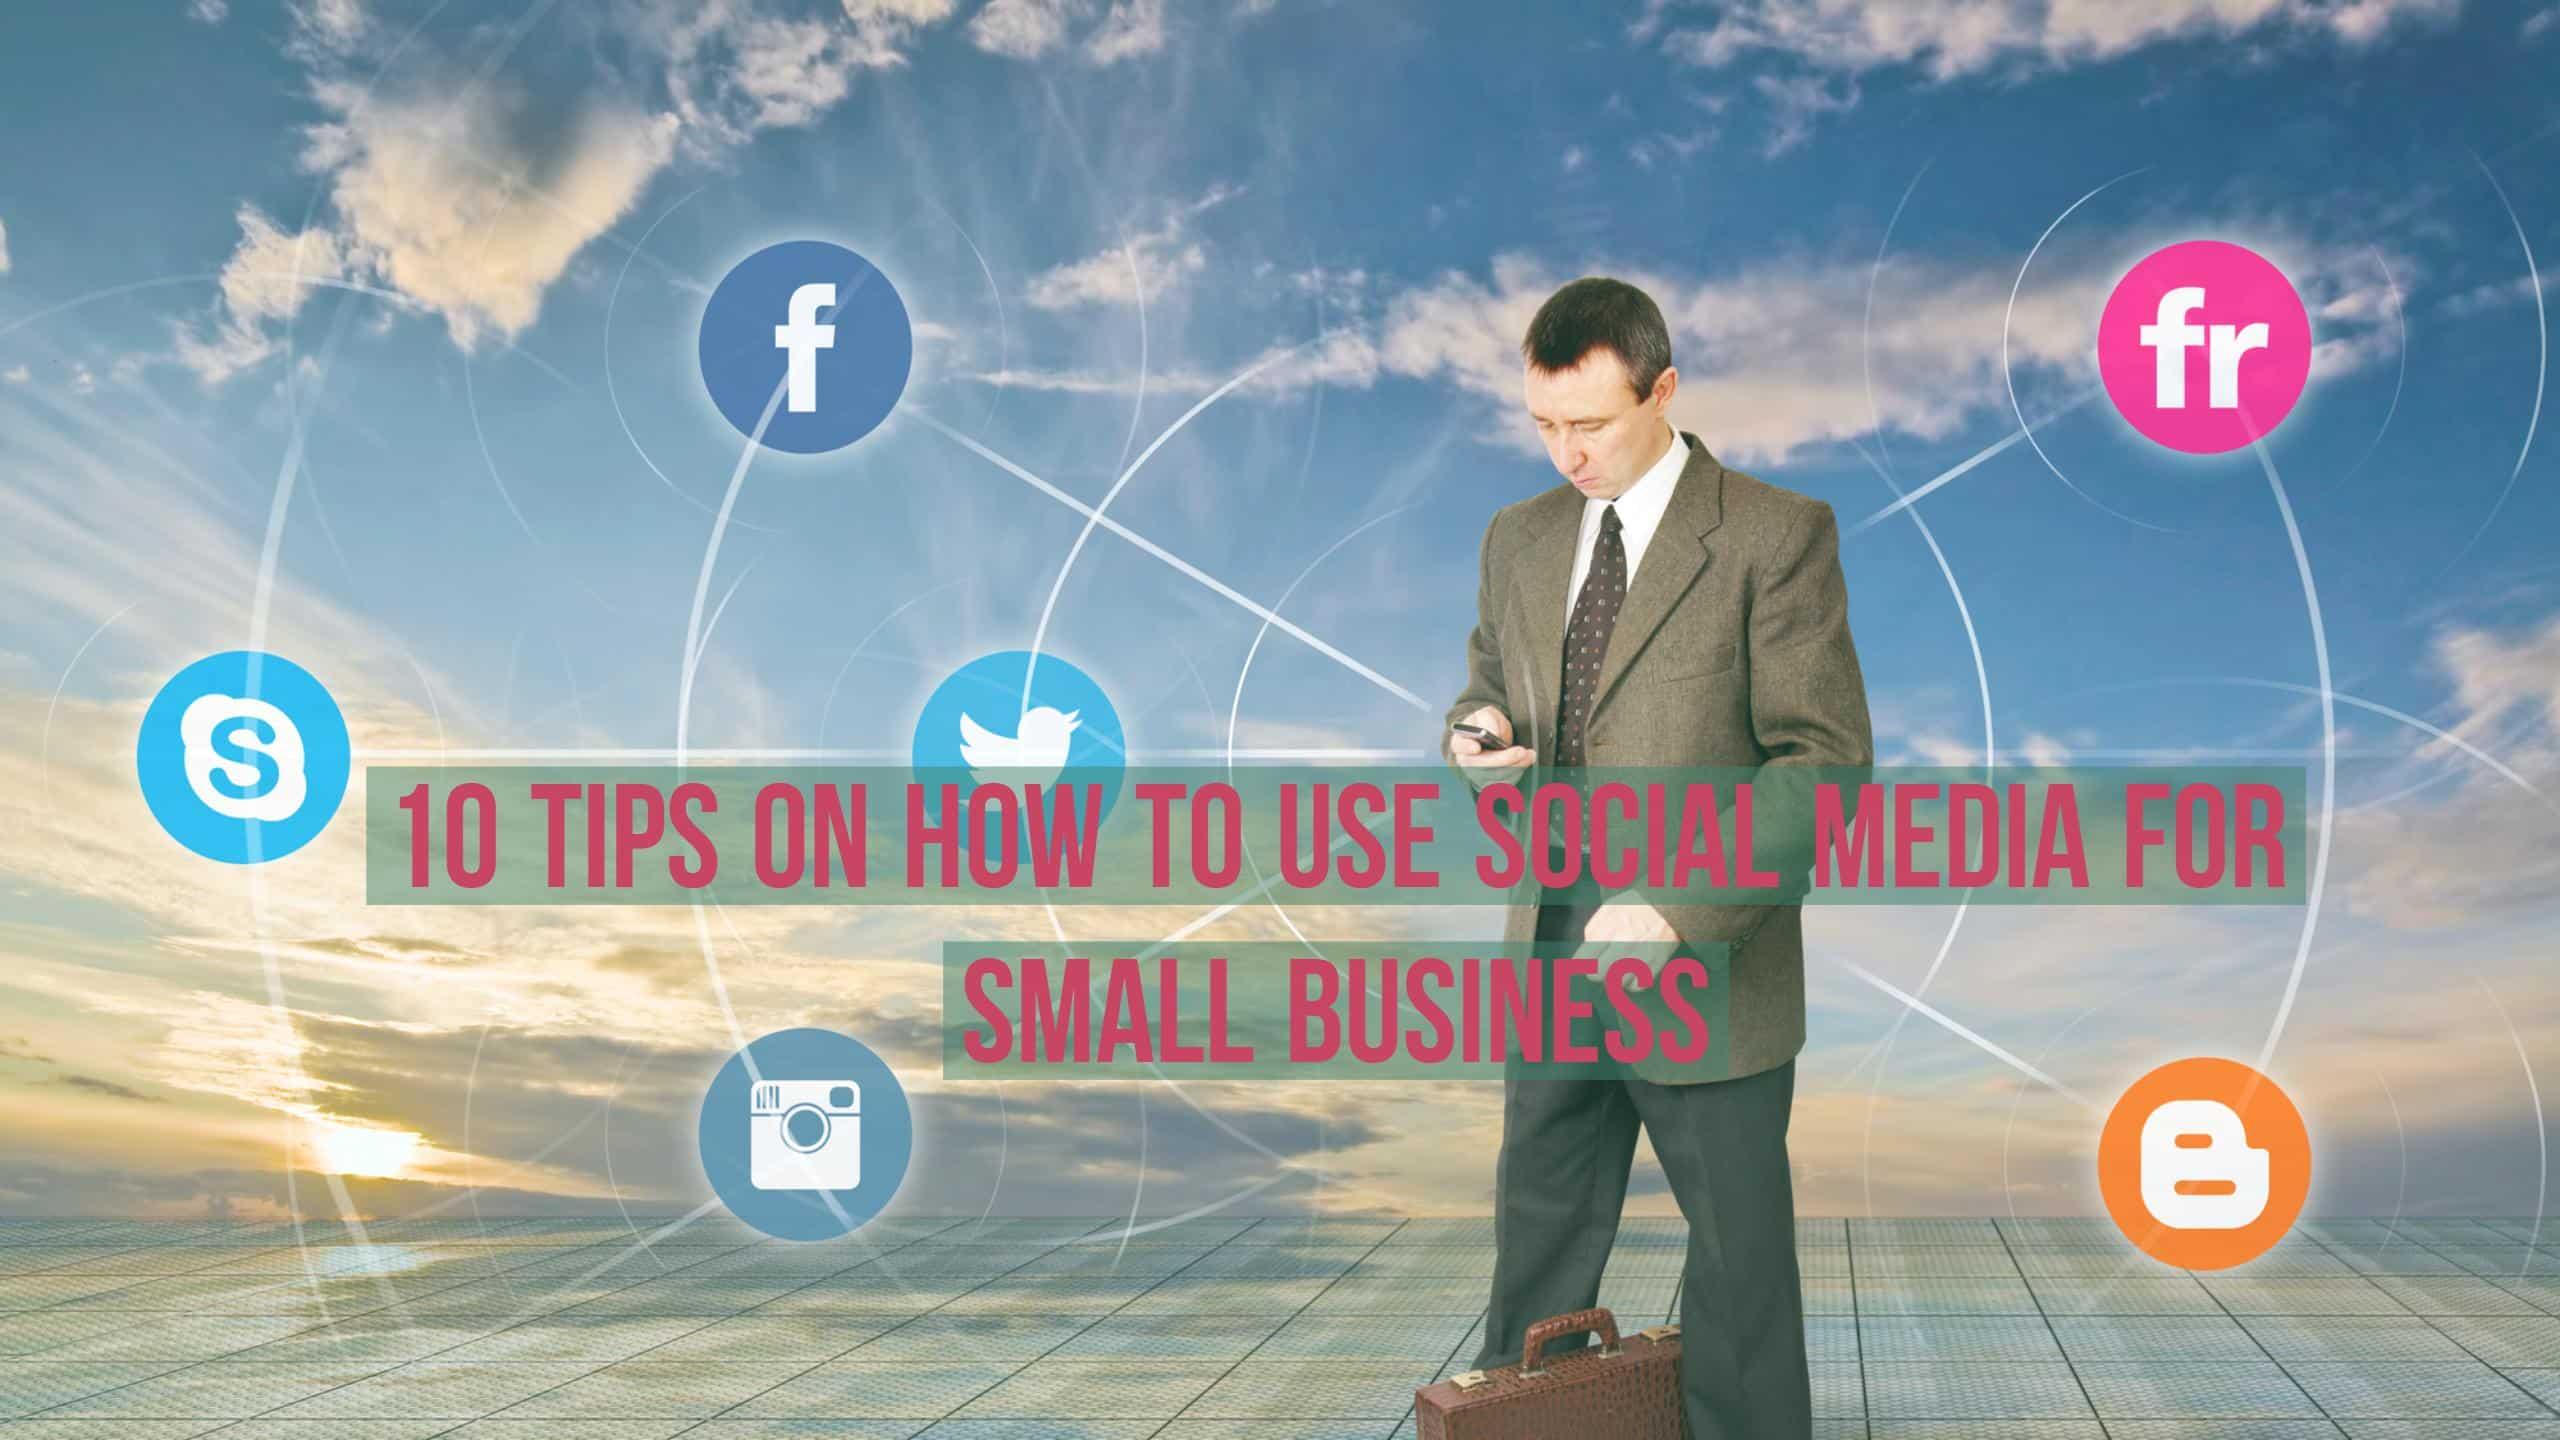 10 Tips on How to Use Social Media for Small Business - JJ Social Light - Atlanta